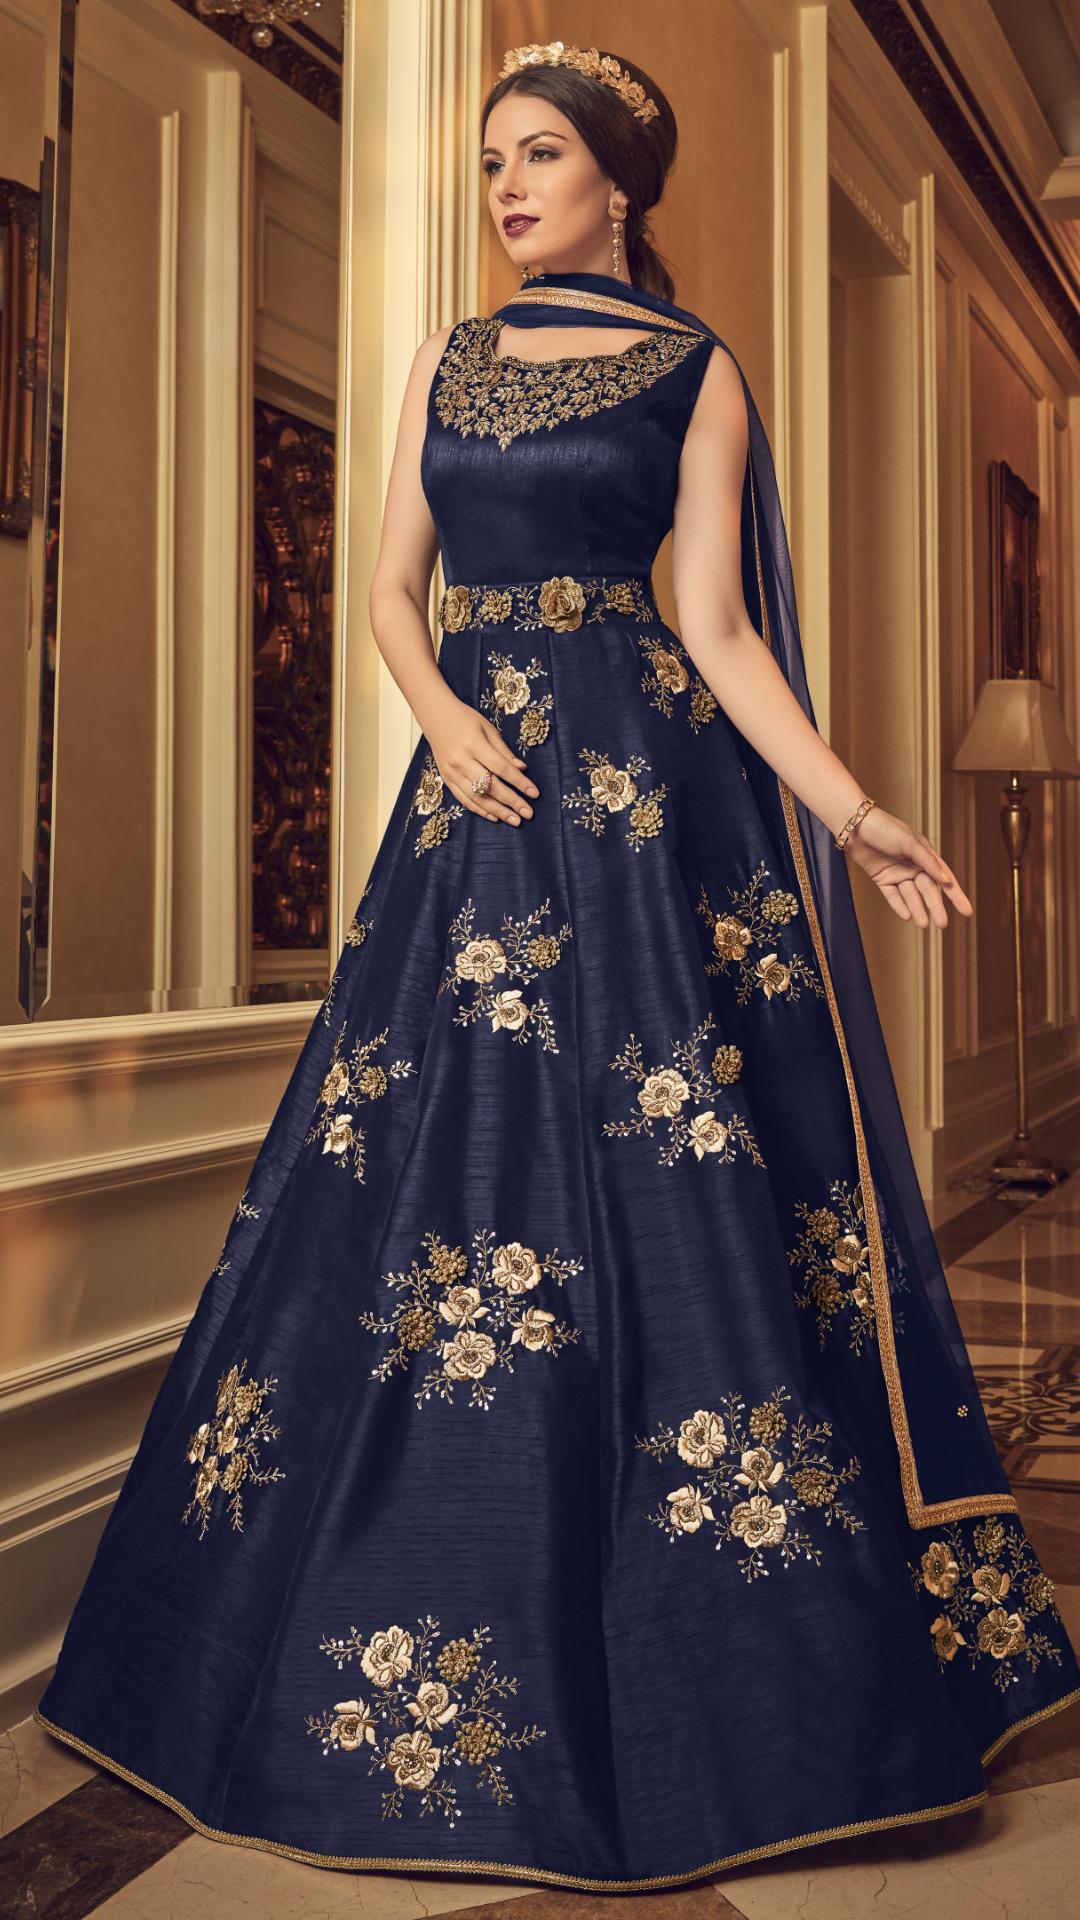 4749376abd7e Fabulous Navy Blue Color Silk Designer Anarkali Suit #Blue#grey #anarkali # anarkalisuit #suit #salwar #salwarsuit #wedding #bridal #bride #ethnic # designer ...